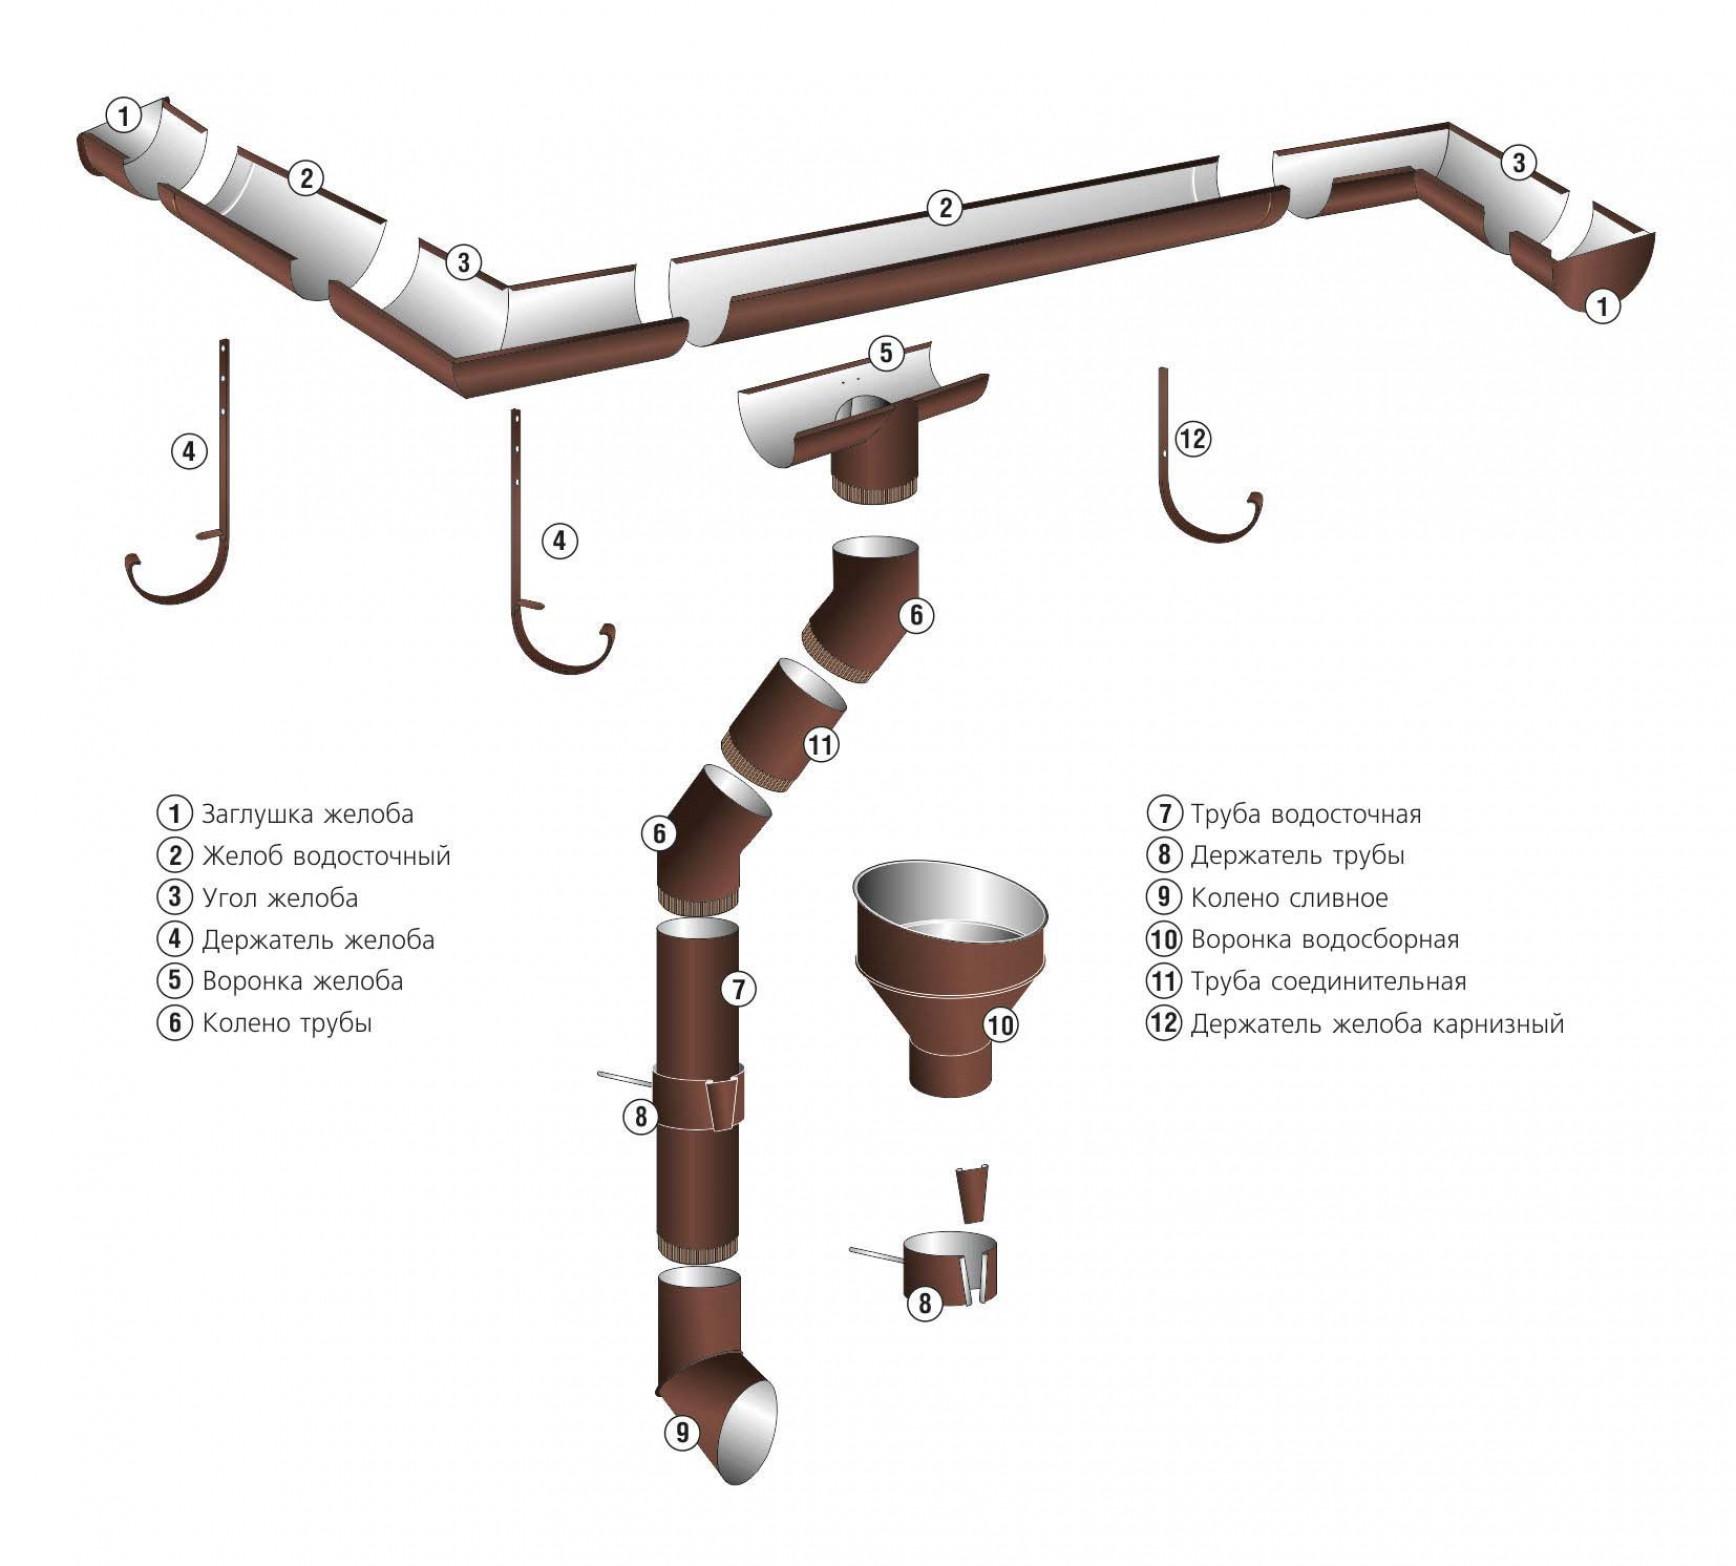 Описание элементов системы водостока